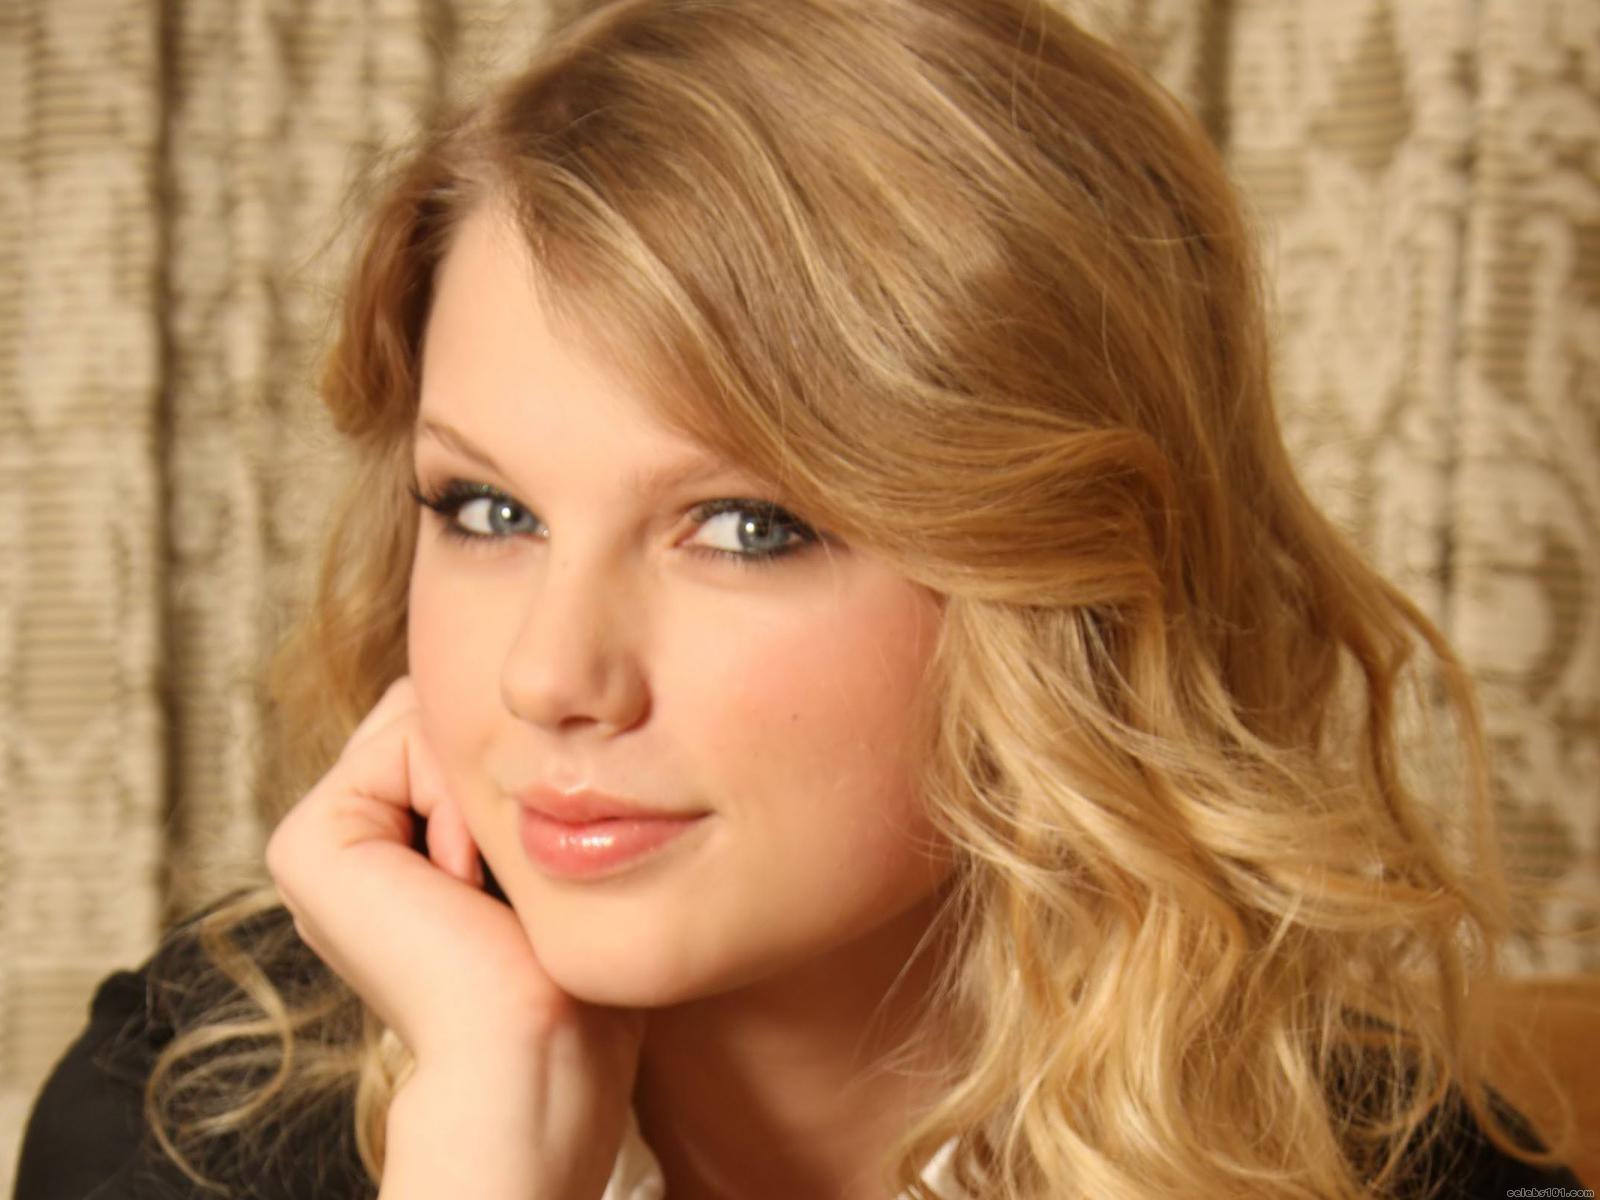 http://4.bp.blogspot.com/-EDaMZRH3dK8/TzDkwuDA1FI/AAAAAAAAGKg/IratX_k71zU/s1600/Taylor+Swift+Wallpaper-3.jpg